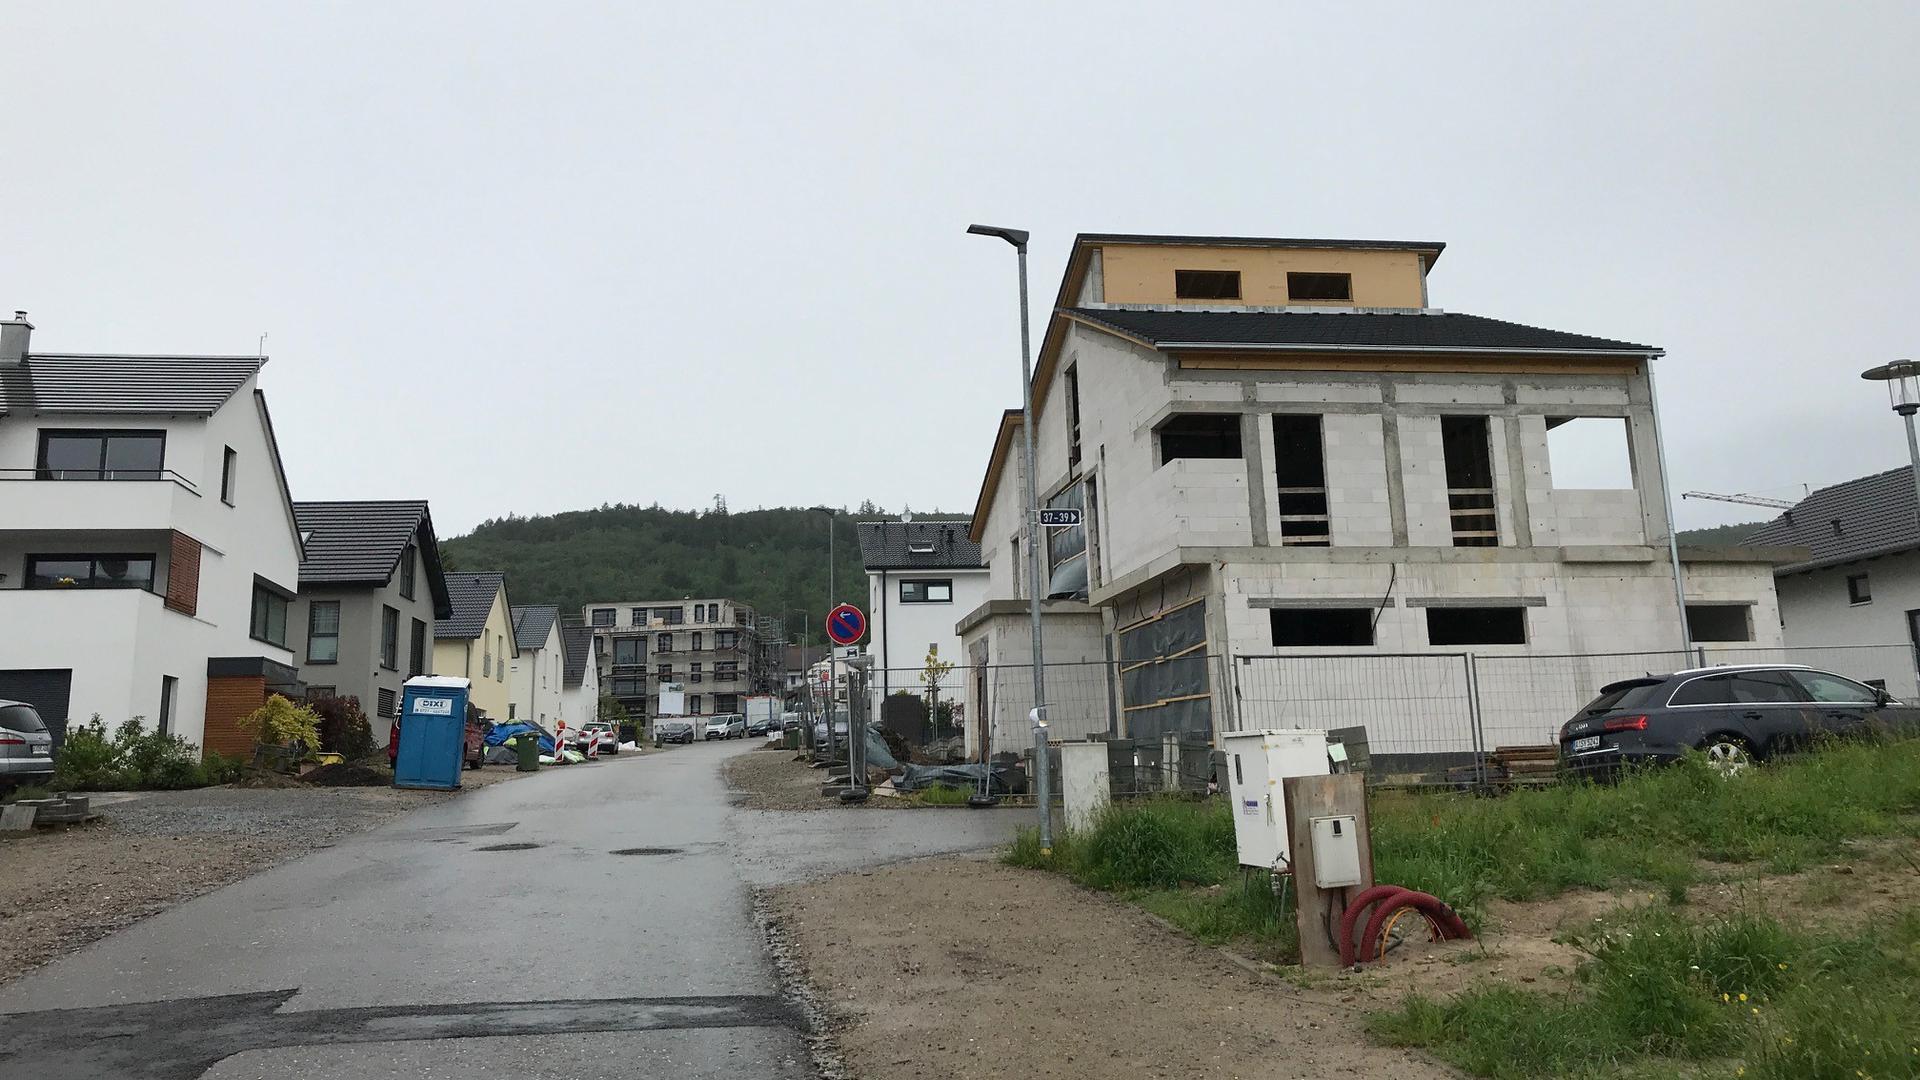 Baugebiet Gässeläcker